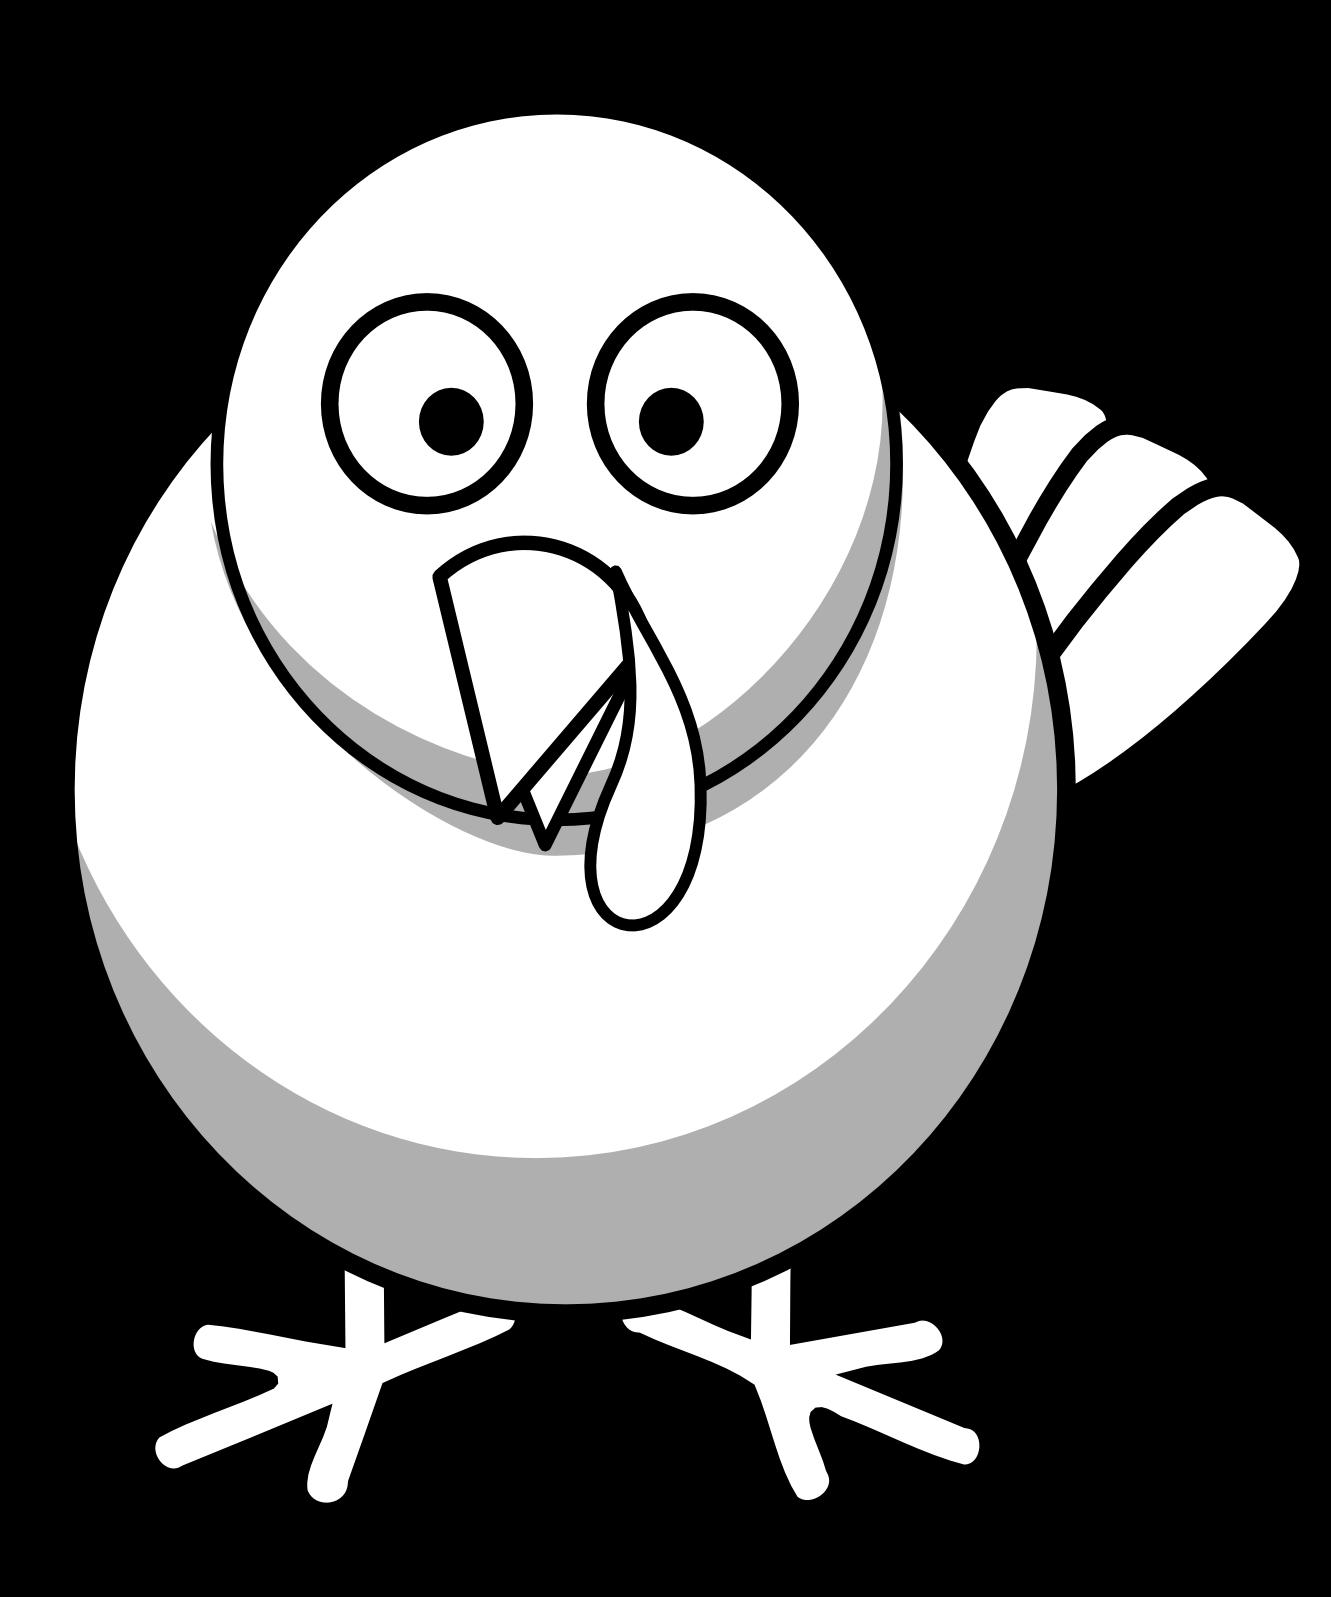 Christmas bird clipart vector library stock Christmas Bird Clipart - ClipartBlack.com vector library stock